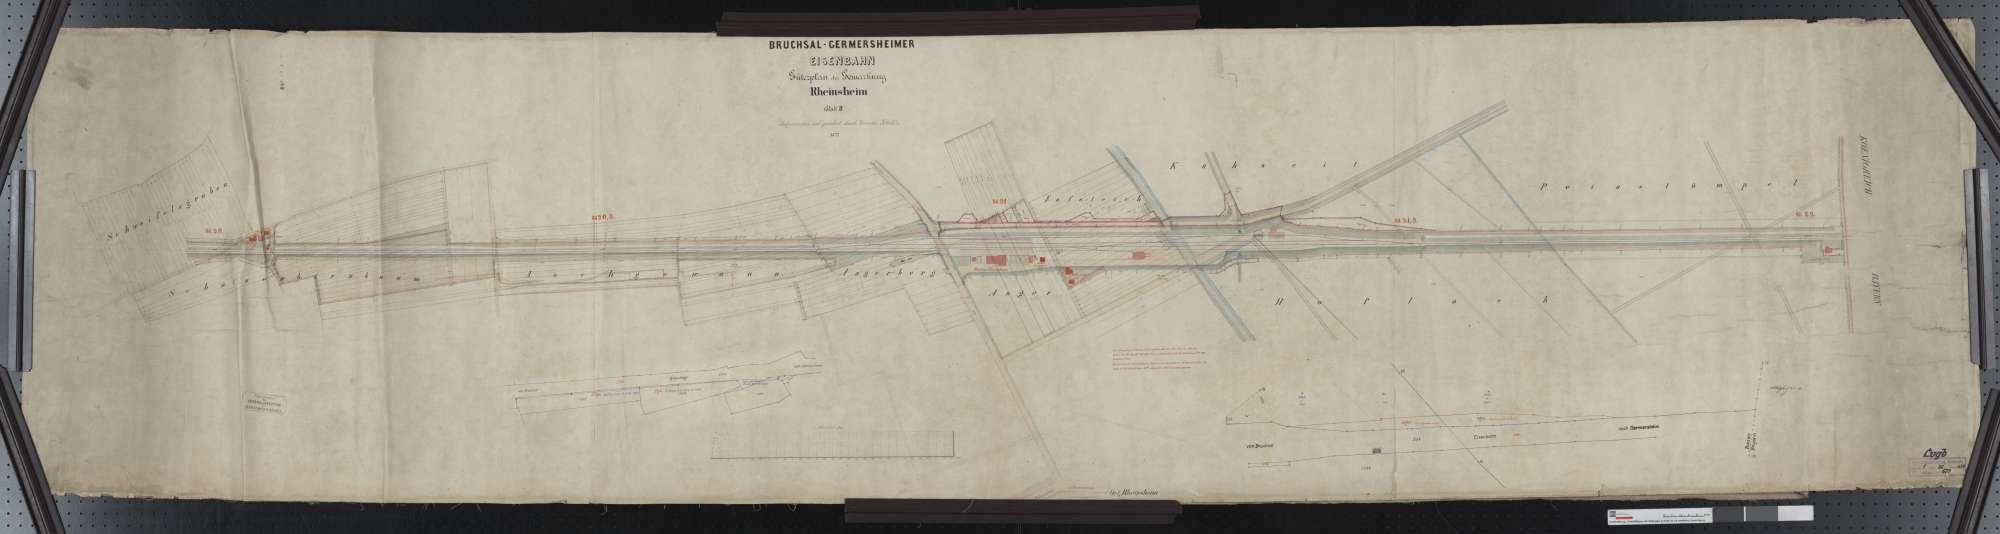 Güterplan der Bahn von Bruchsal bis Germersheim: Gemarkung Rheinsheim Streckenausschnitt: 20,0 bis 22,0 km, Bild 1